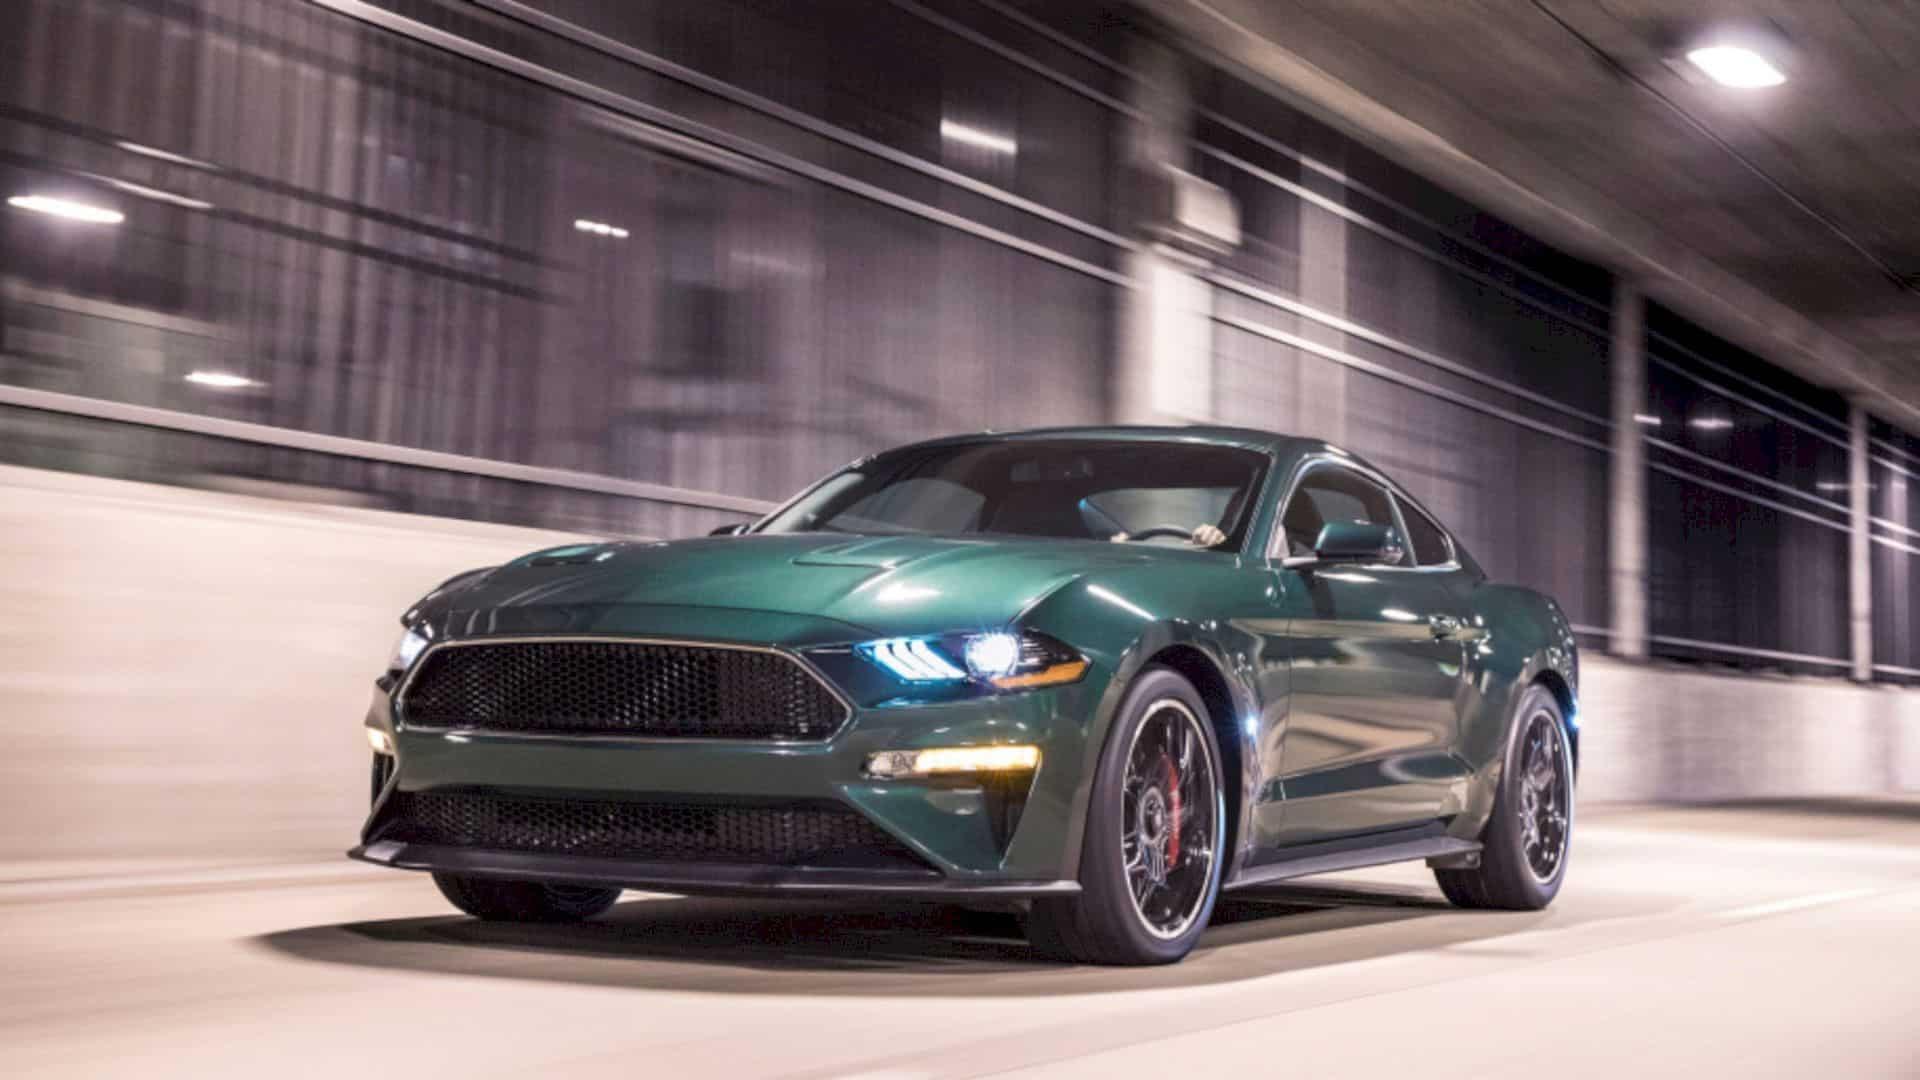 2019 Ford Mustang Bullitt 7